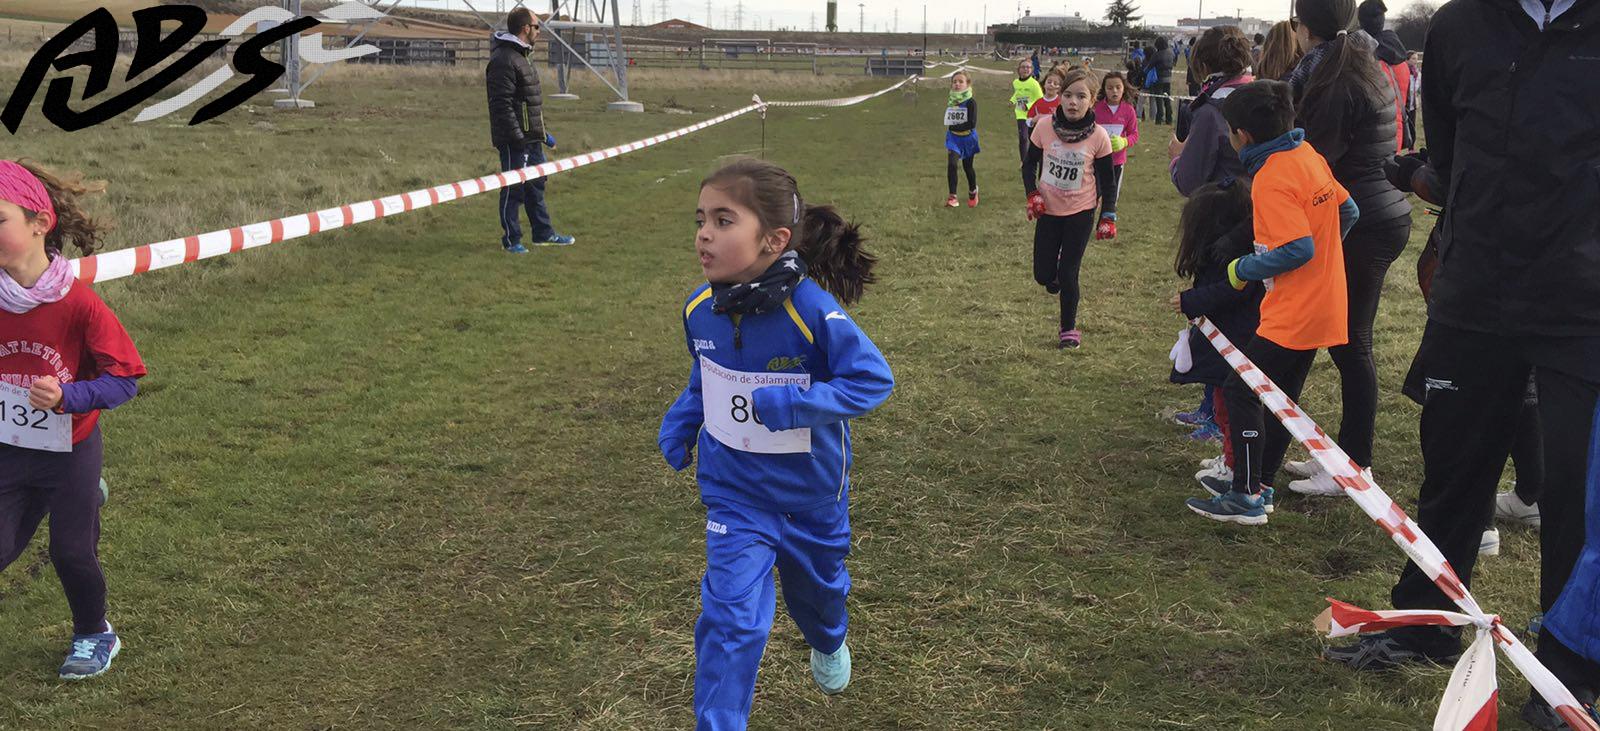 online store f41d4 dd551 Esta mañana, desde 11.00 de la mañana se ha celebrado en el Prado  Panaderos, en Villares de la Reina, la tercera jornada de campo a través de  Juegos ...